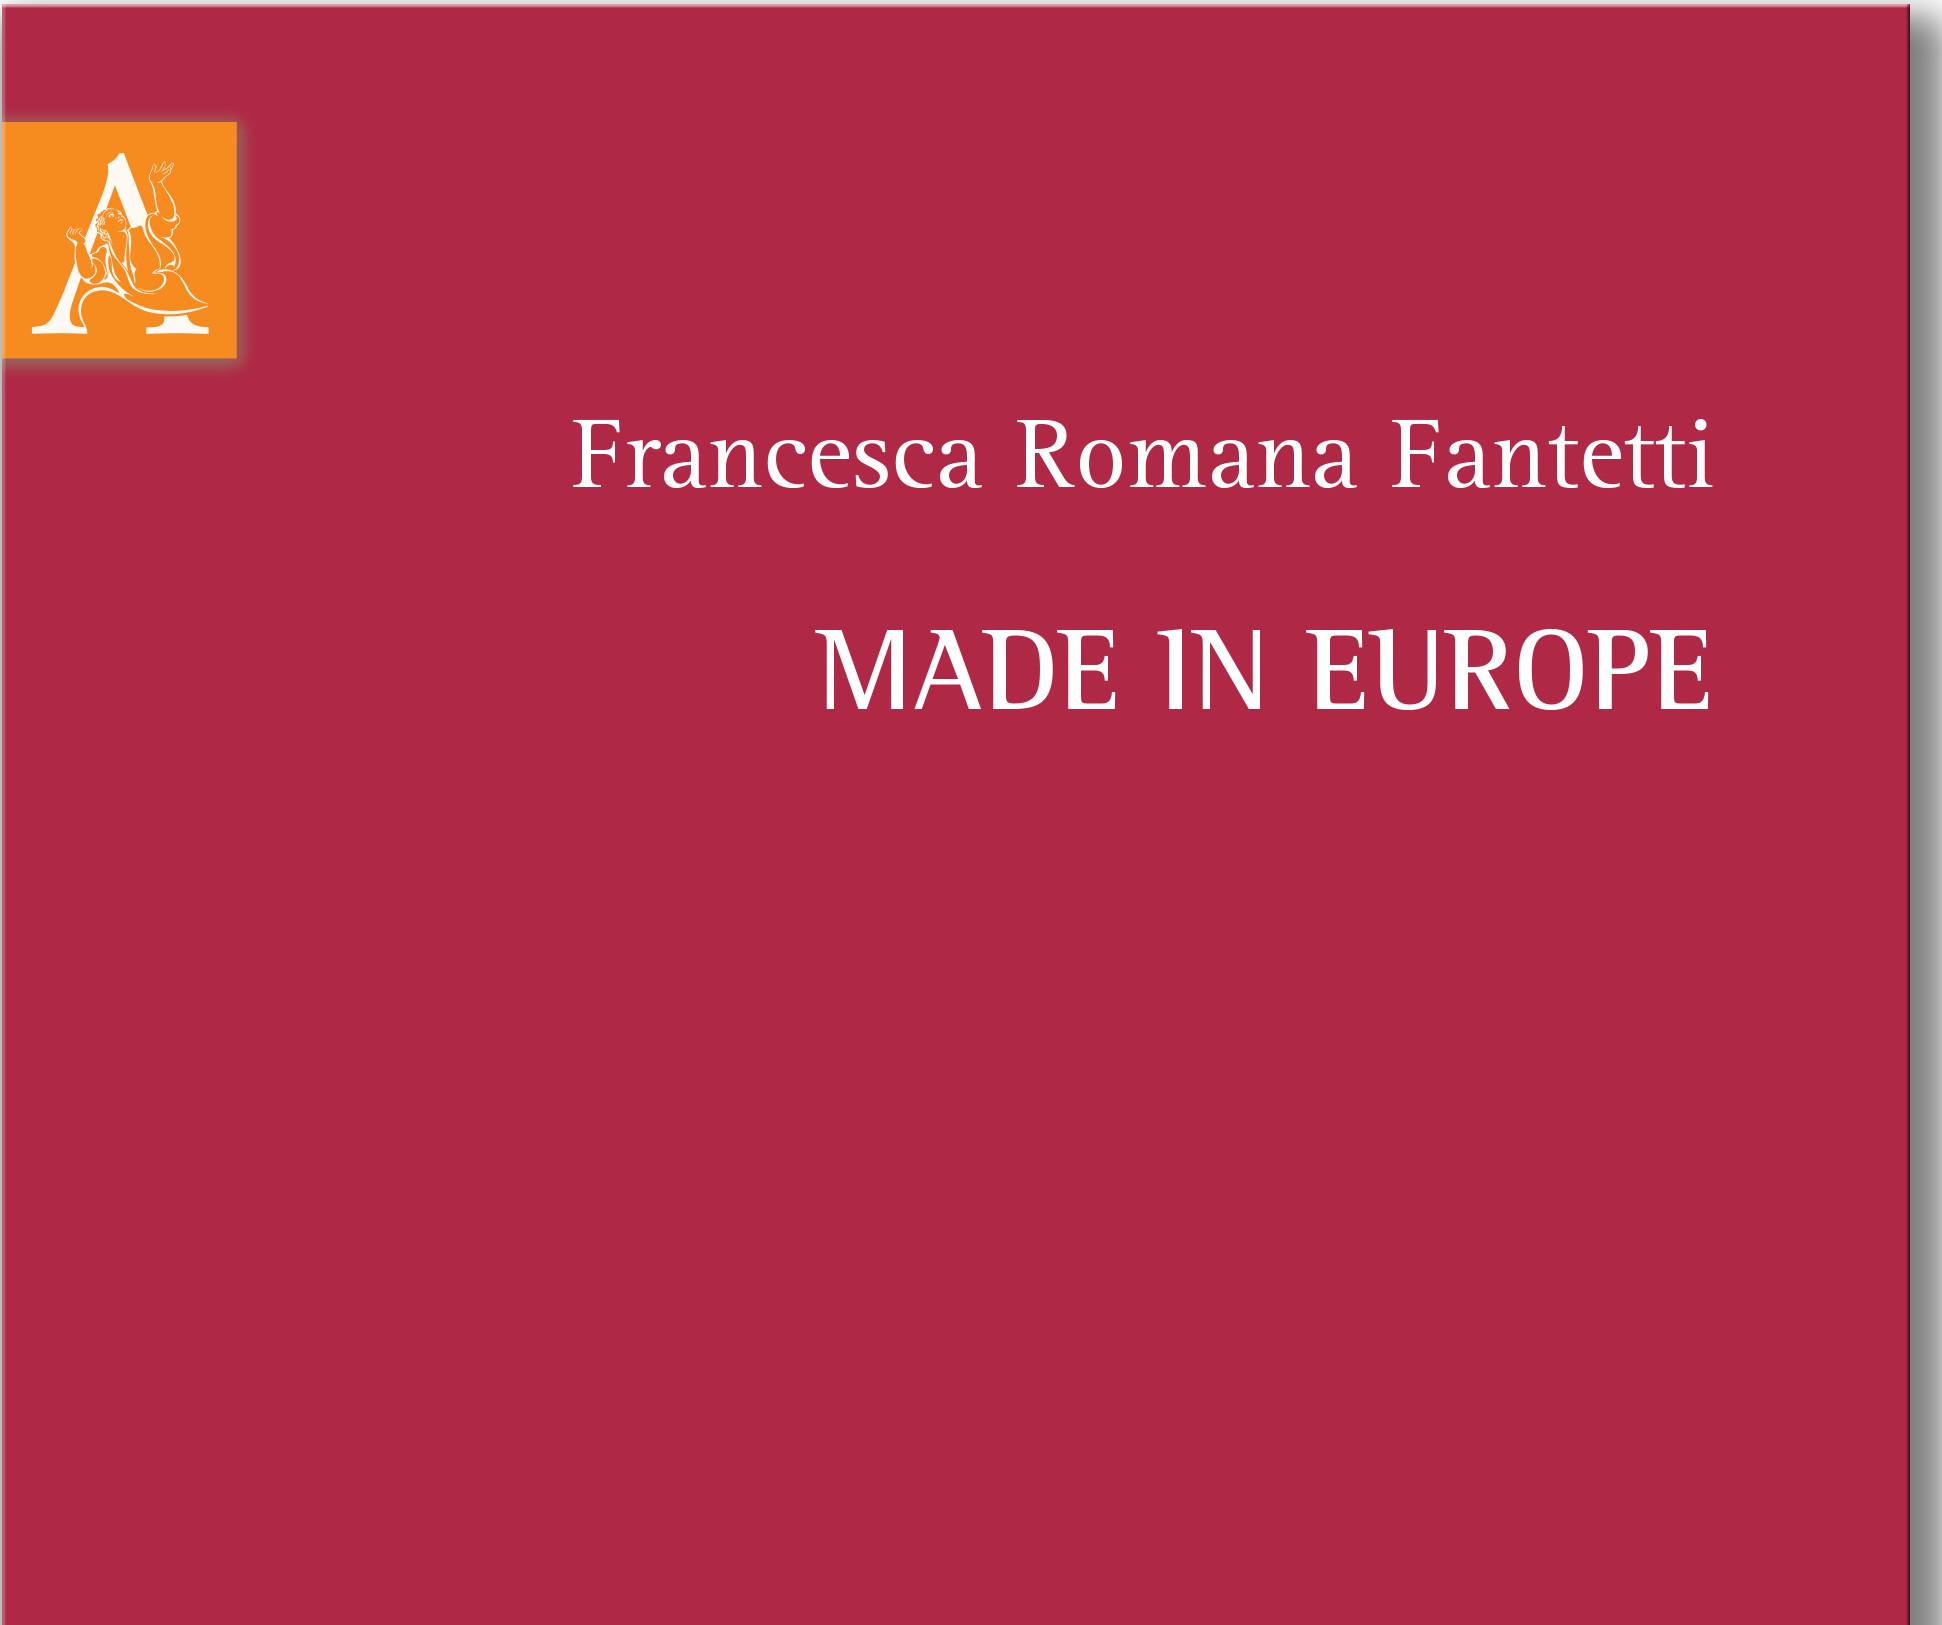 """Presentazione del libro """"Made in Europe"""" di Francesca Romana Fantetti – 23.01.2014"""